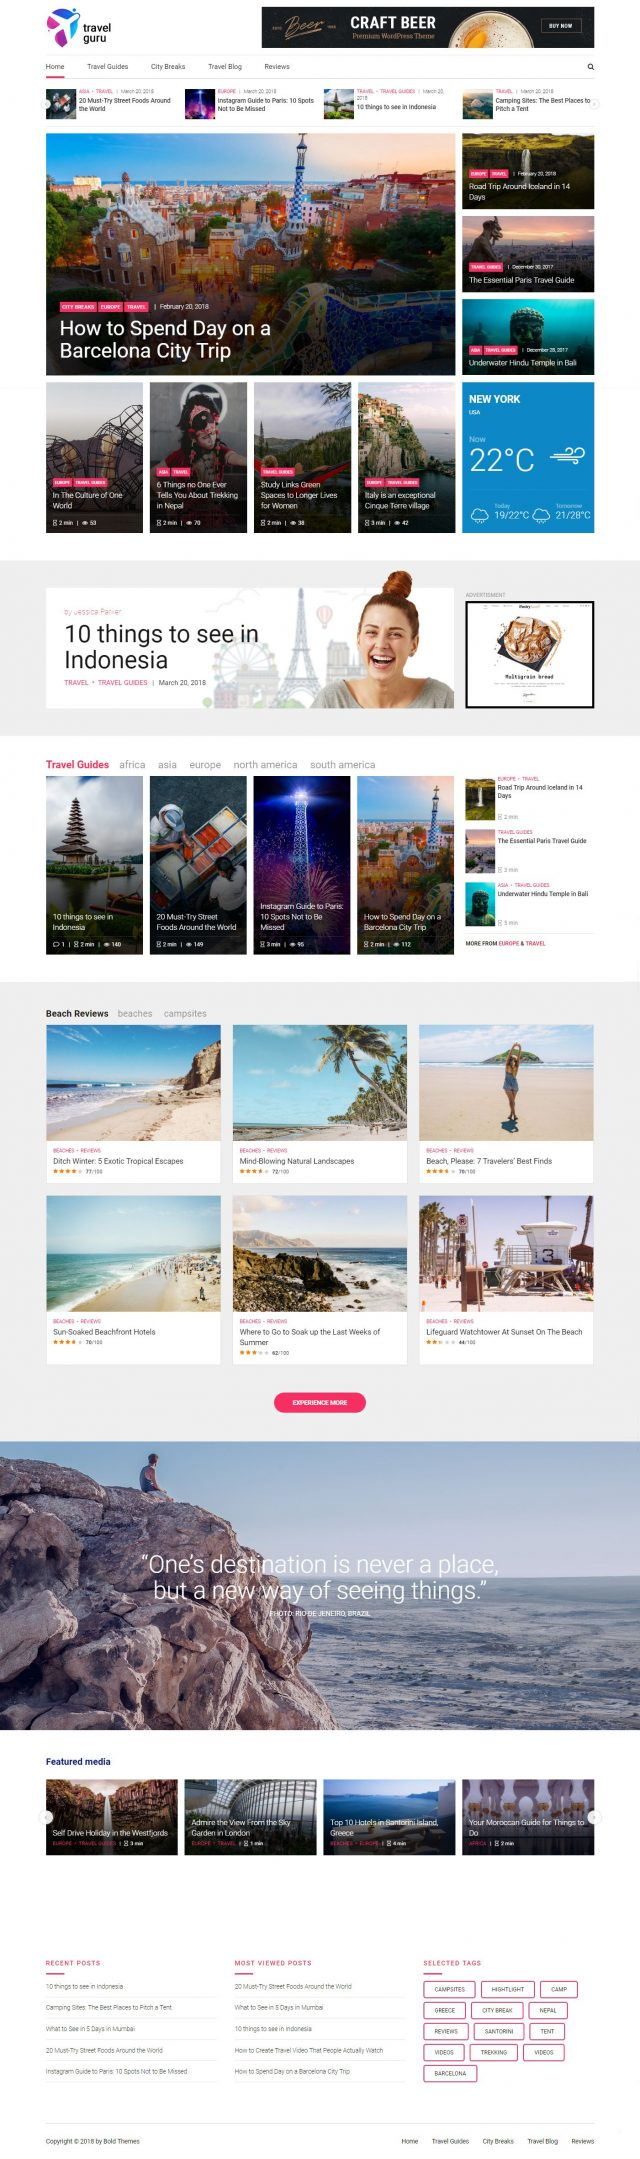 newstar wordpress theme travel magazine homepage layout